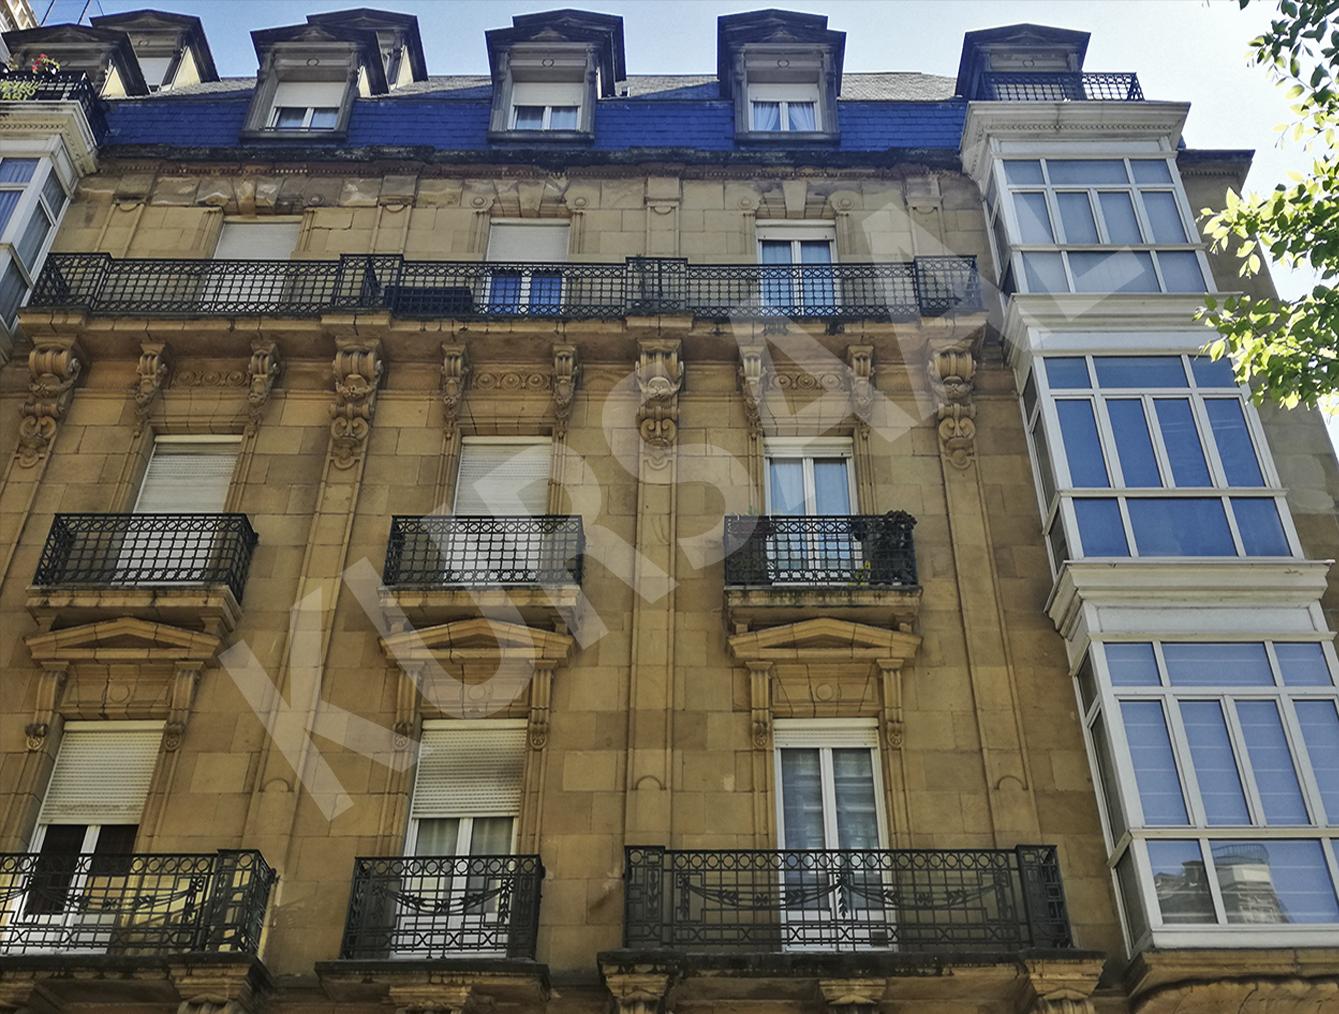 foto 3 - Restauración y patrimonio-Prim, 39-DONOSTIA, GIPUZKOA